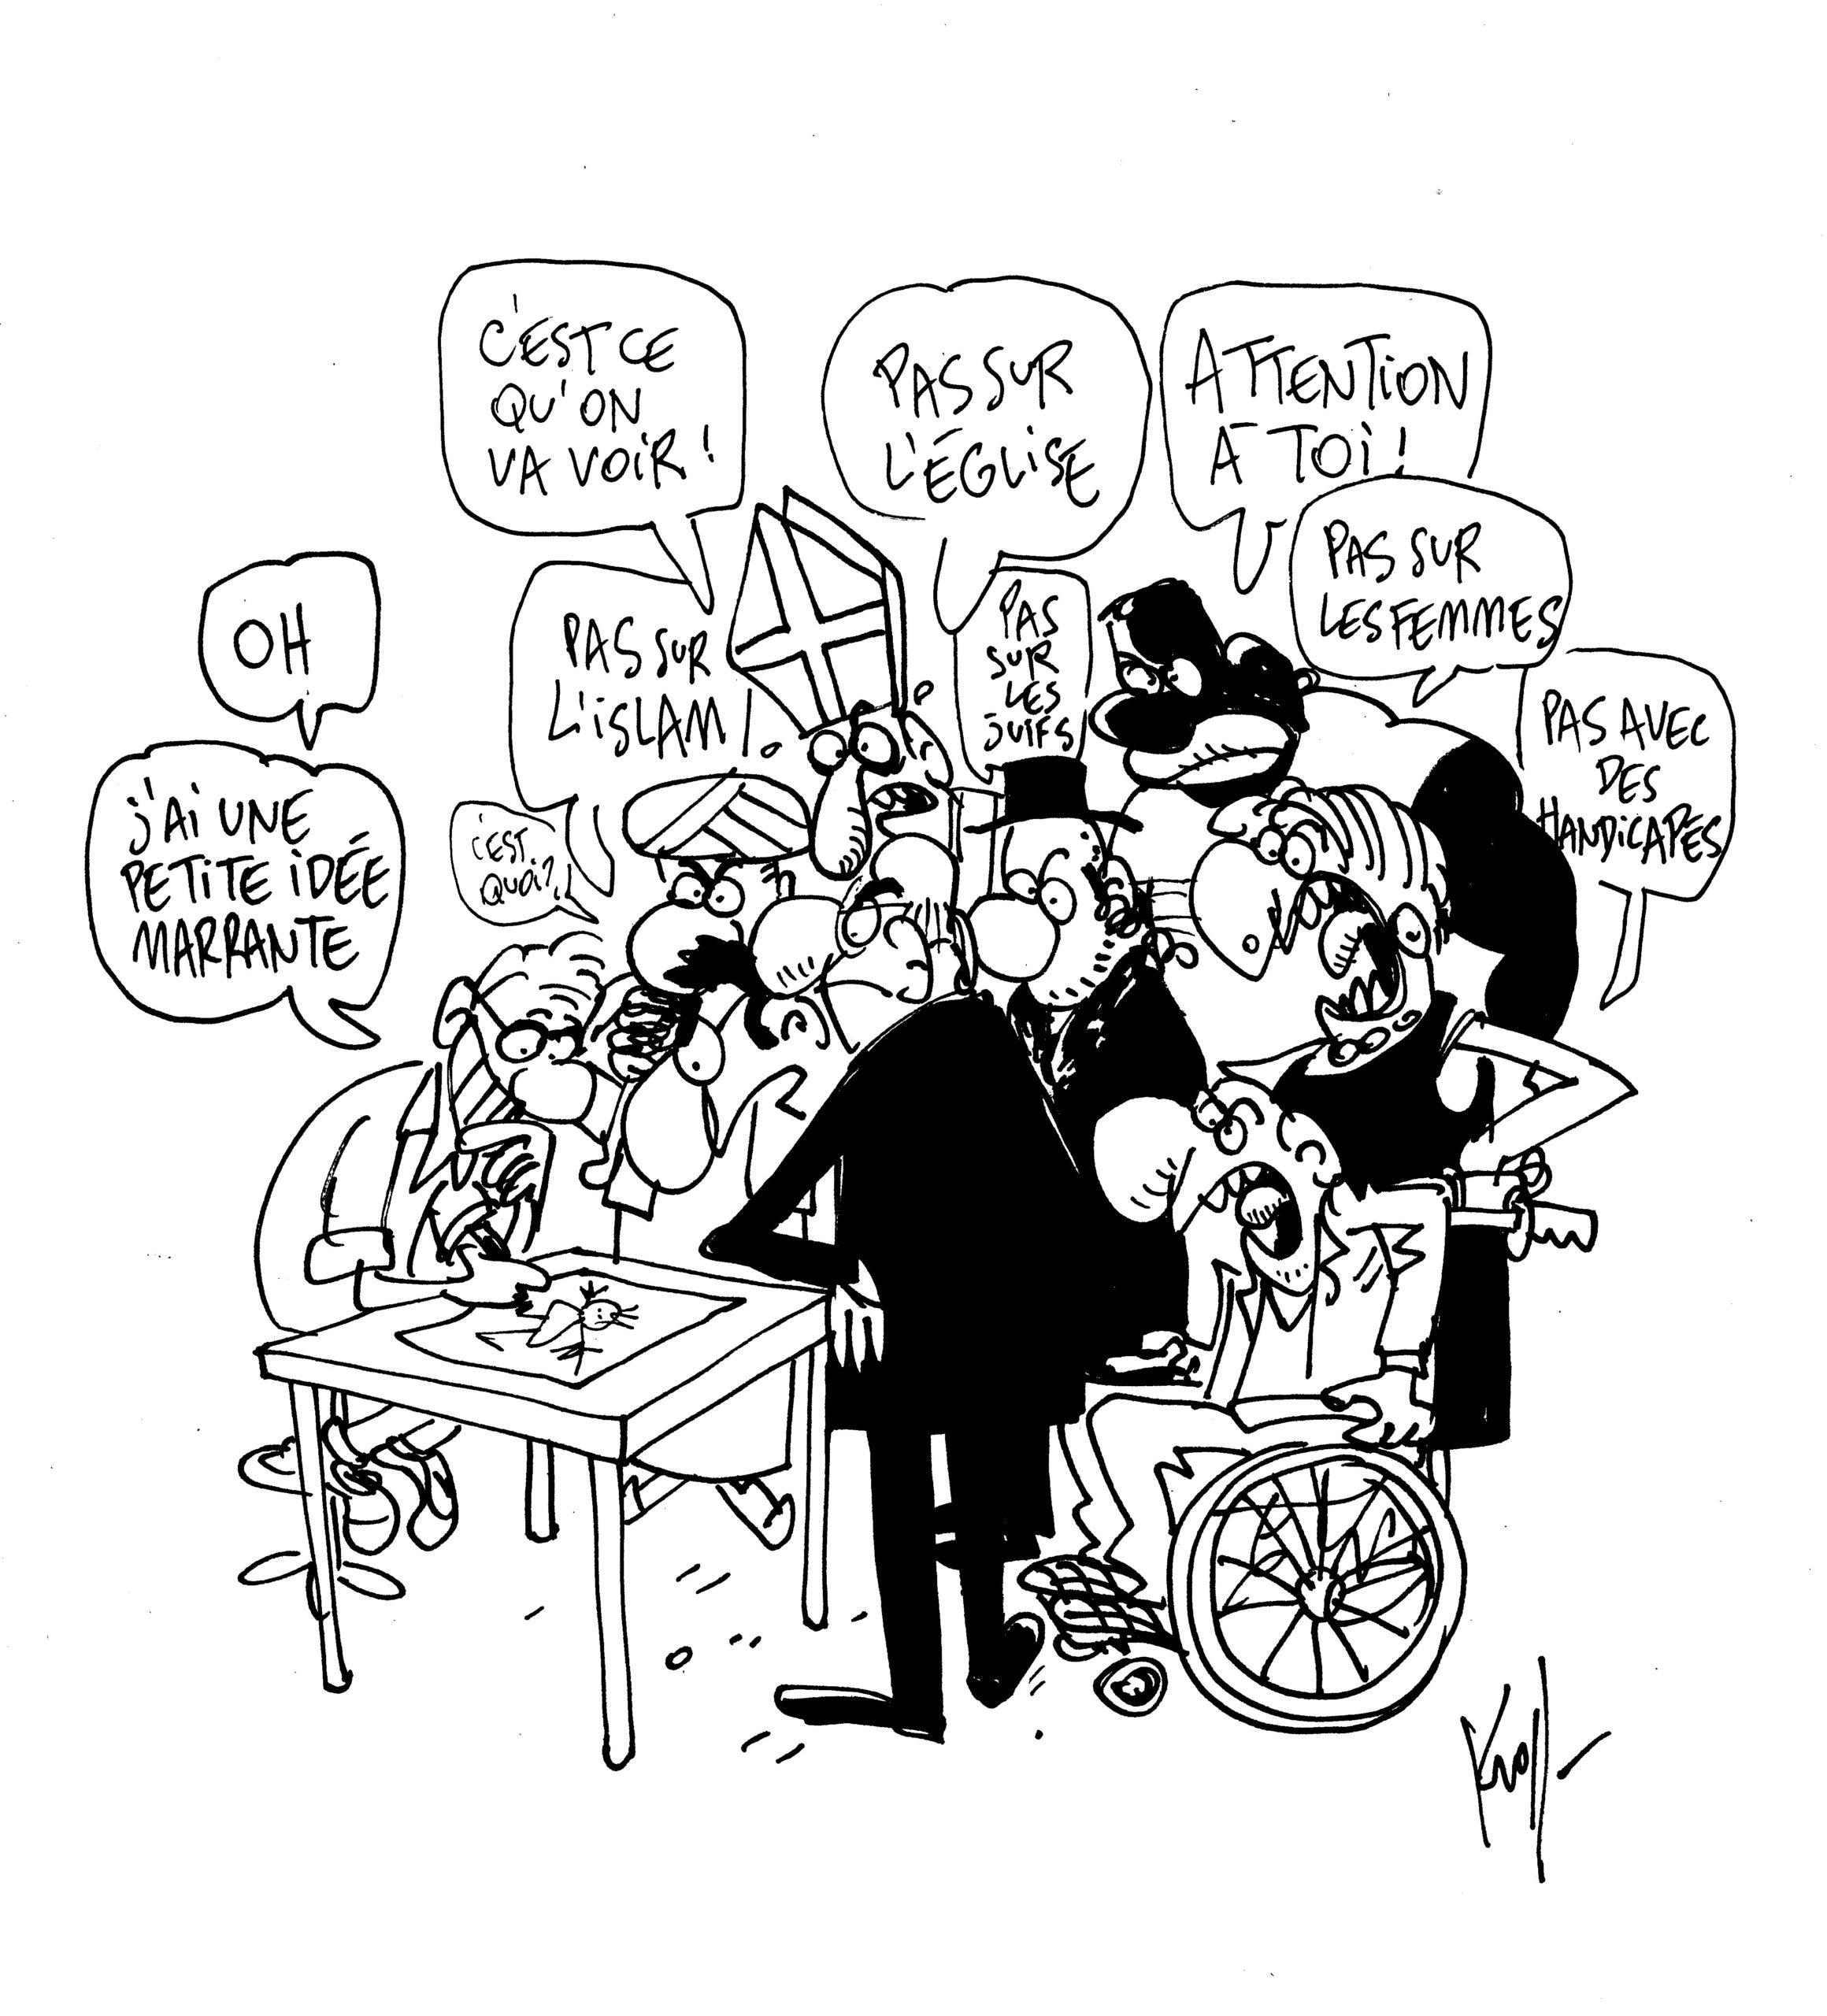 Kroll (Belgique) – Cartooning for Peace)